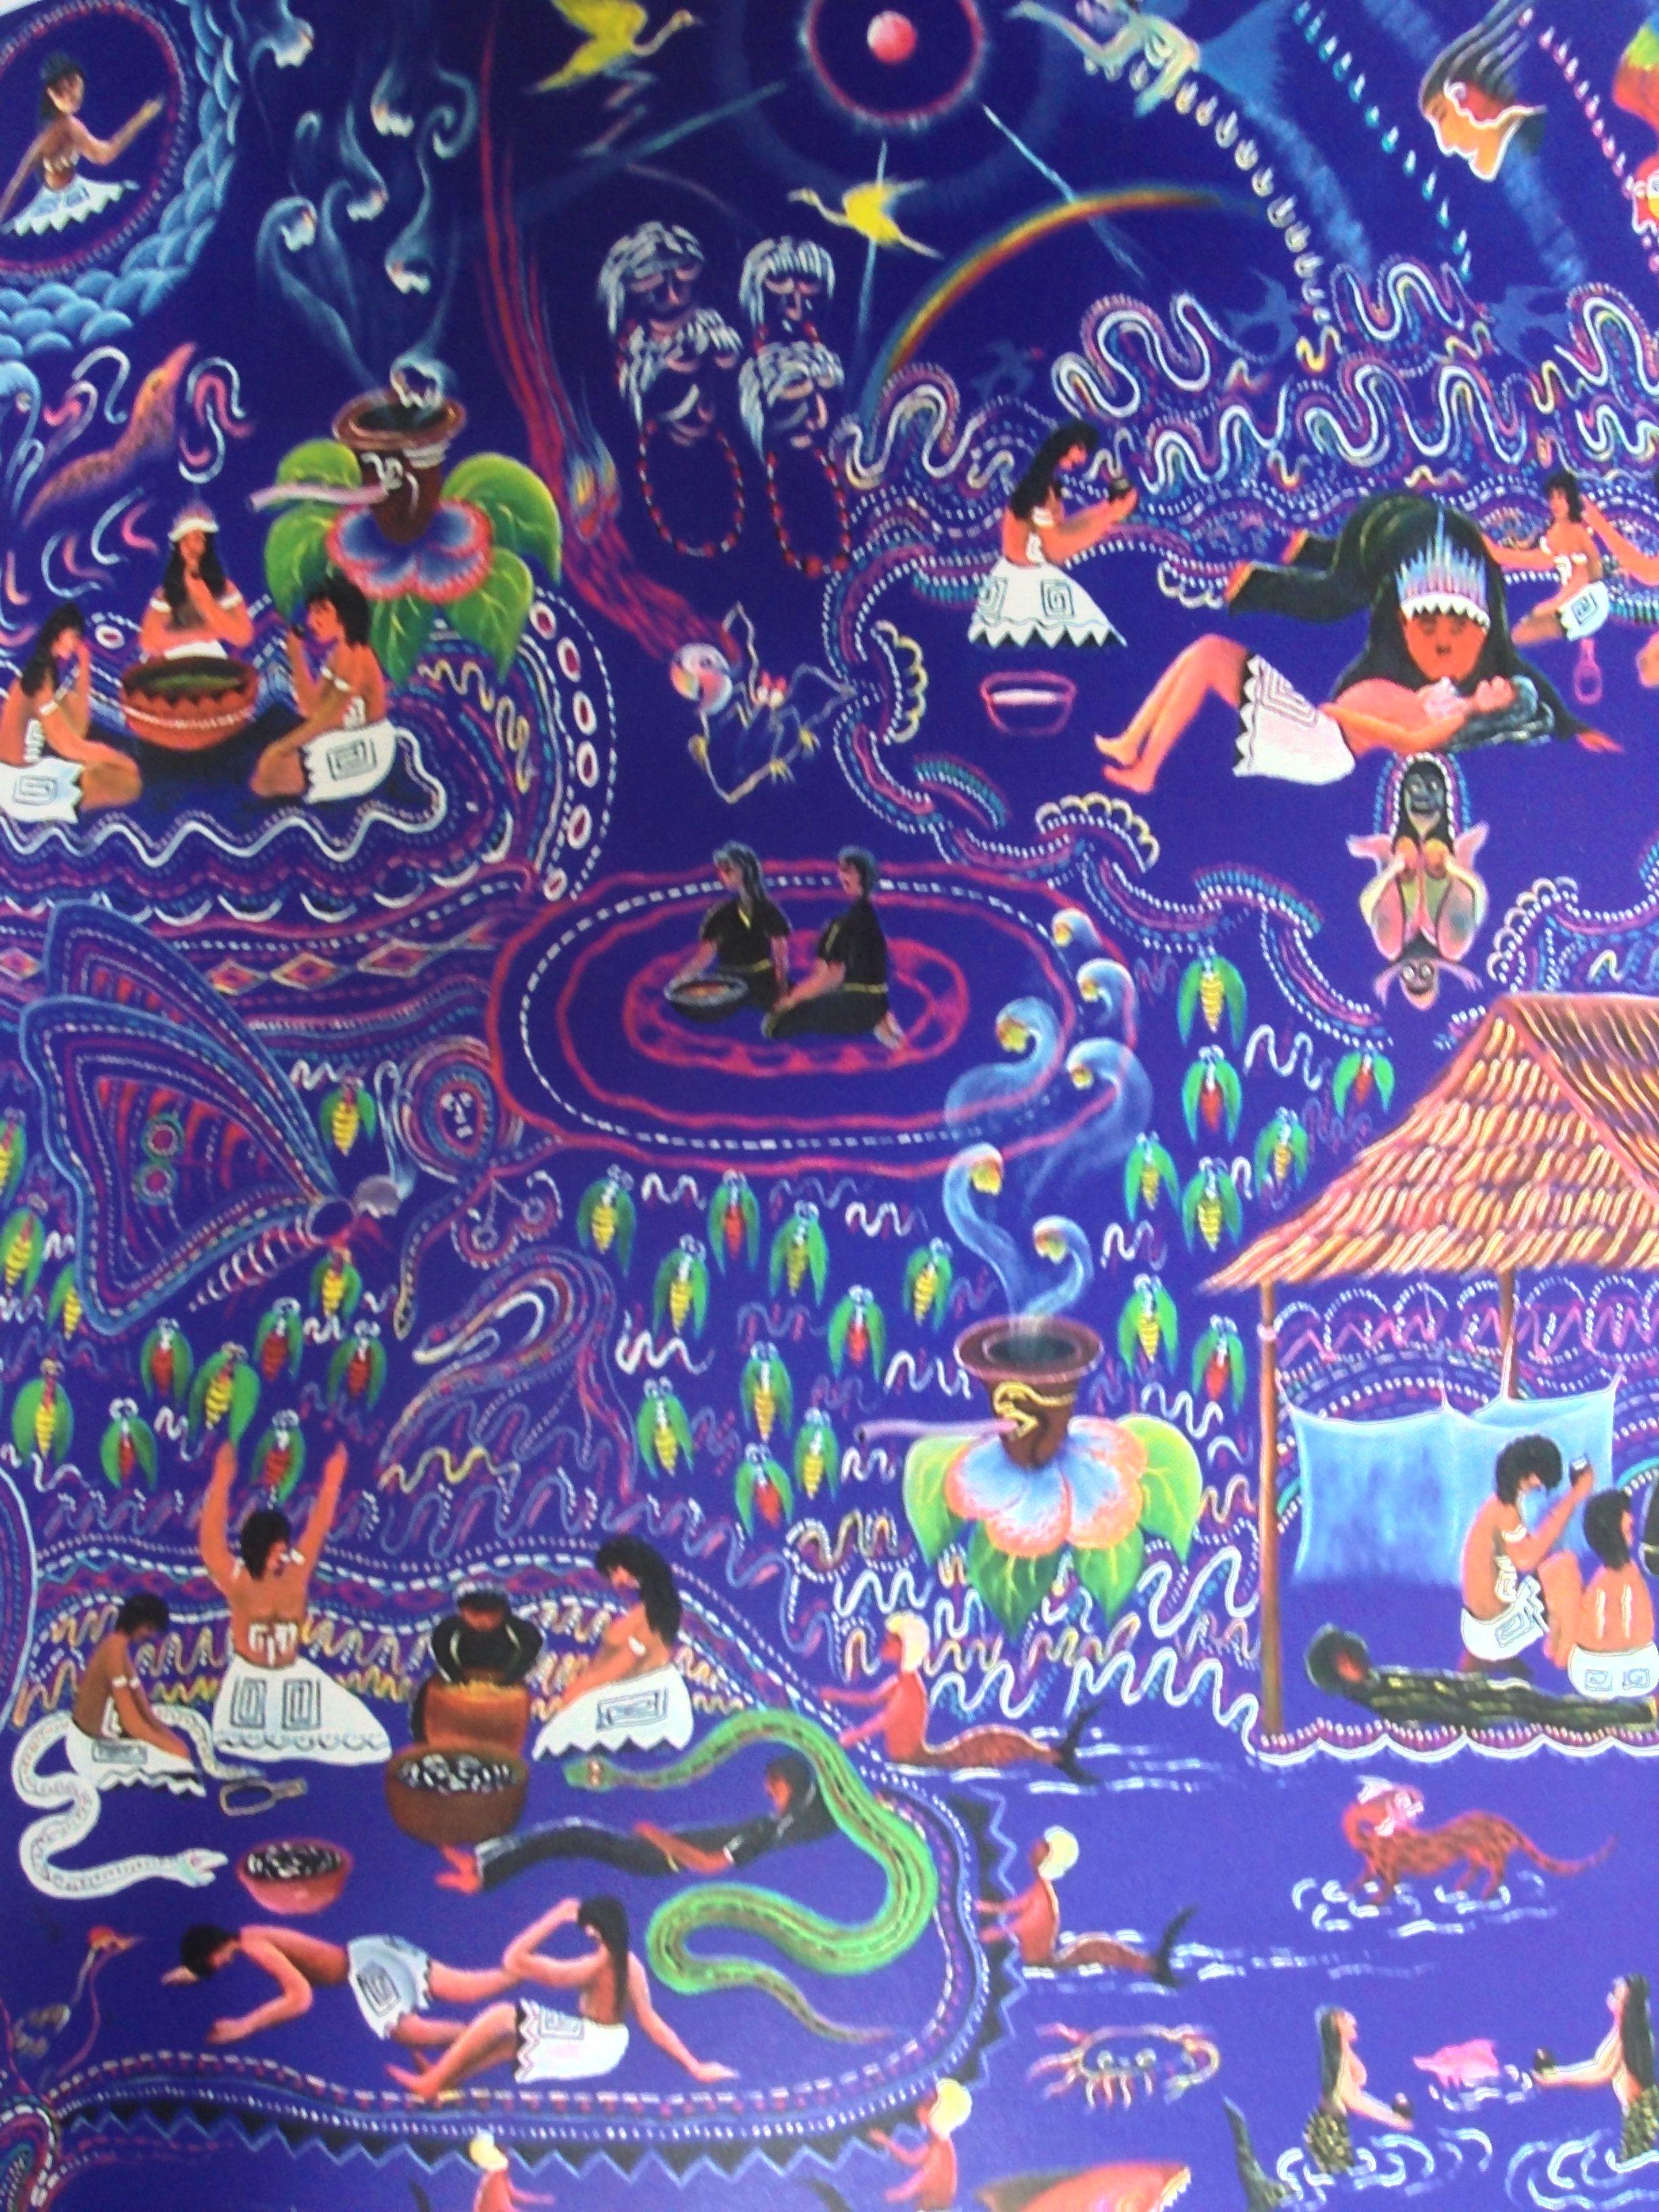 Ayawaska Visions | Psychedelic art, Art